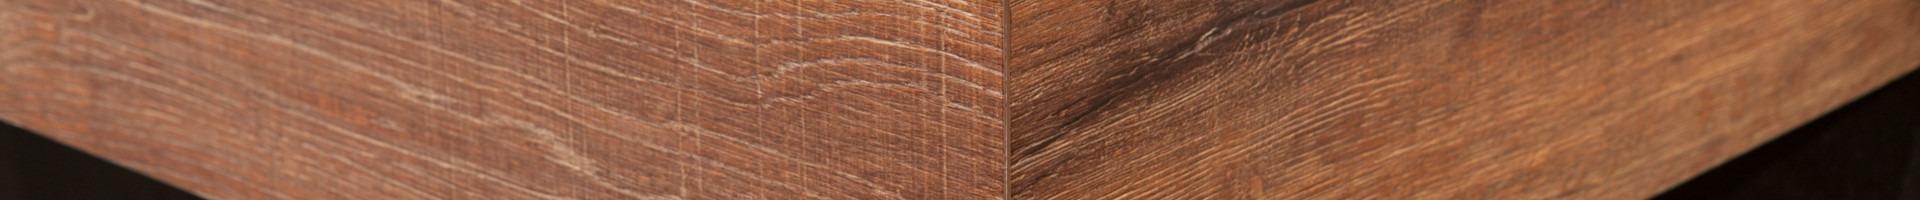 <p>Effetto legno</p>